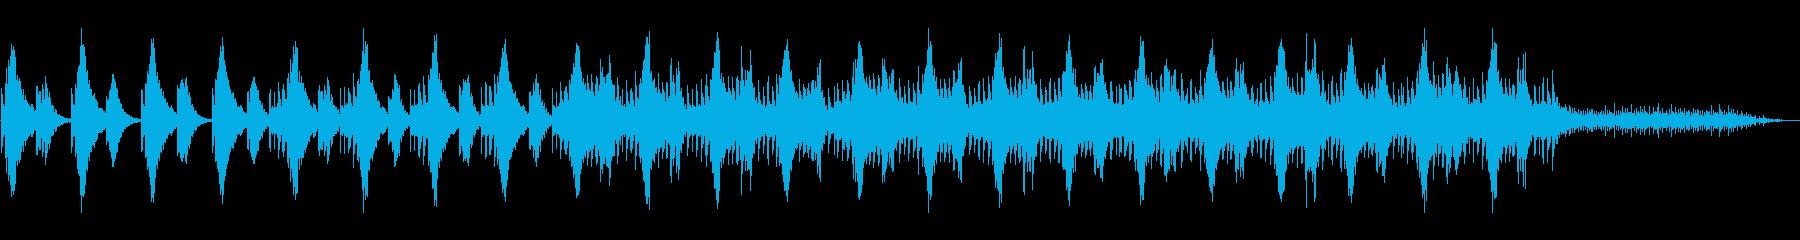 ハープ音源による切なく幻想的なミニマル。の再生済みの波形